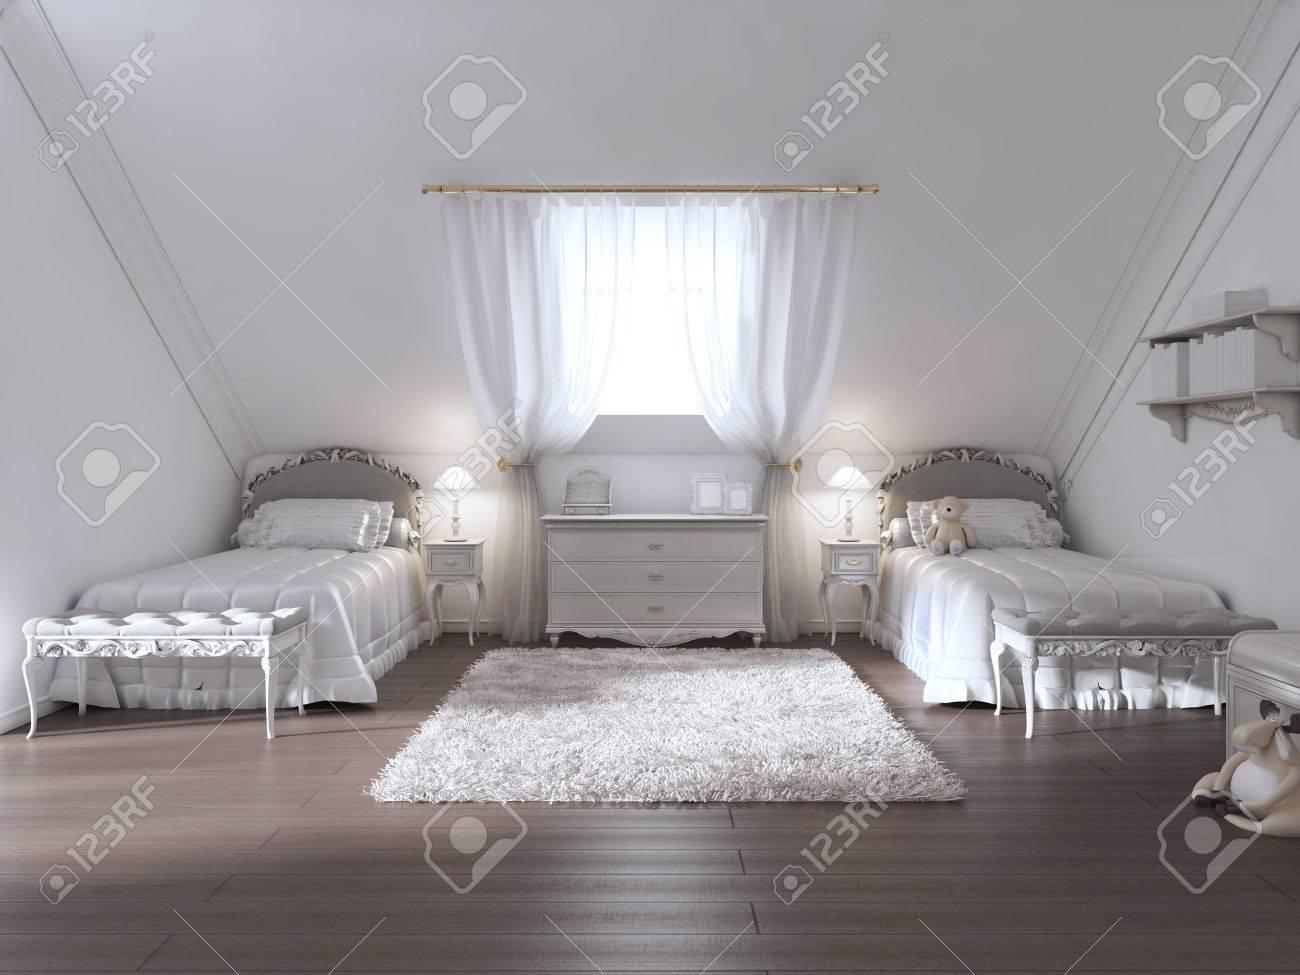 Luxus Kinderzimmer Für Zwei Kinder Im Art Deco Stil. Das Design Ist In Weiß  Und